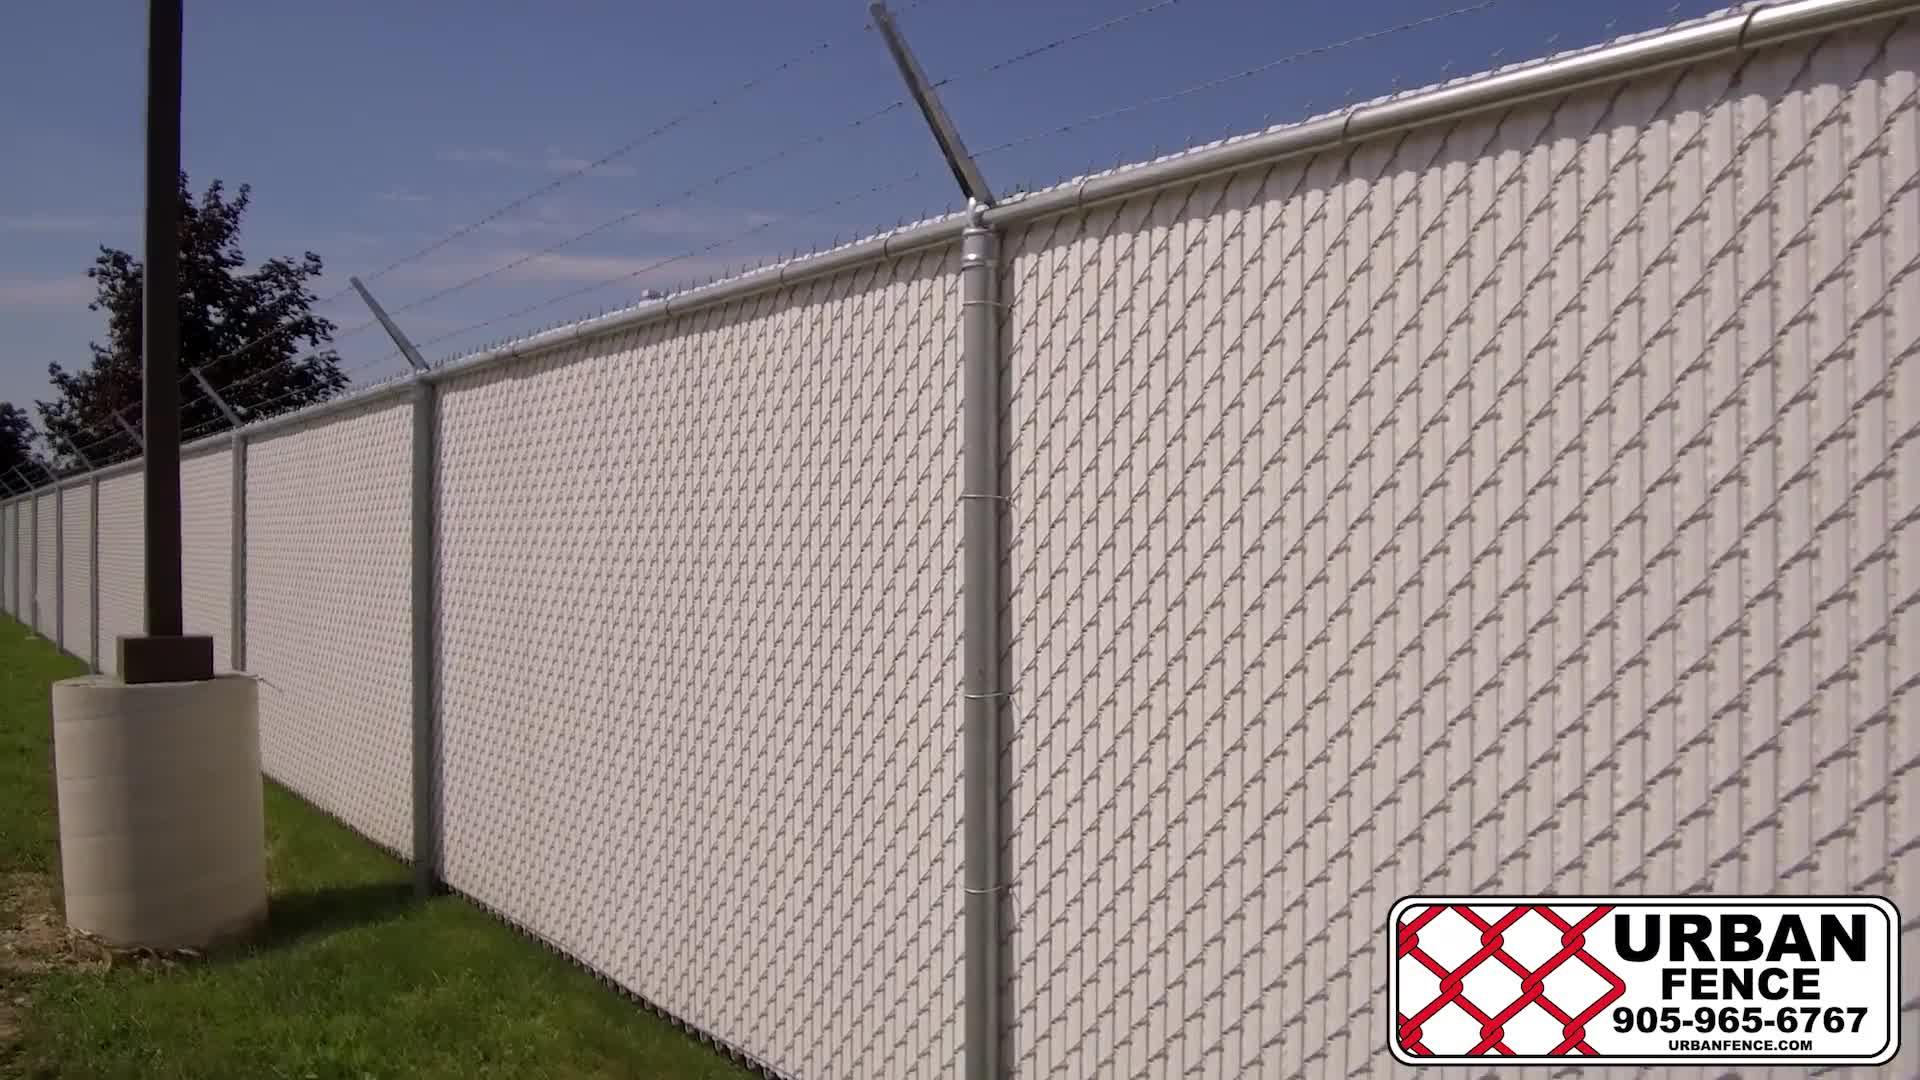 Voir le profil de Urban Fence - Toronto